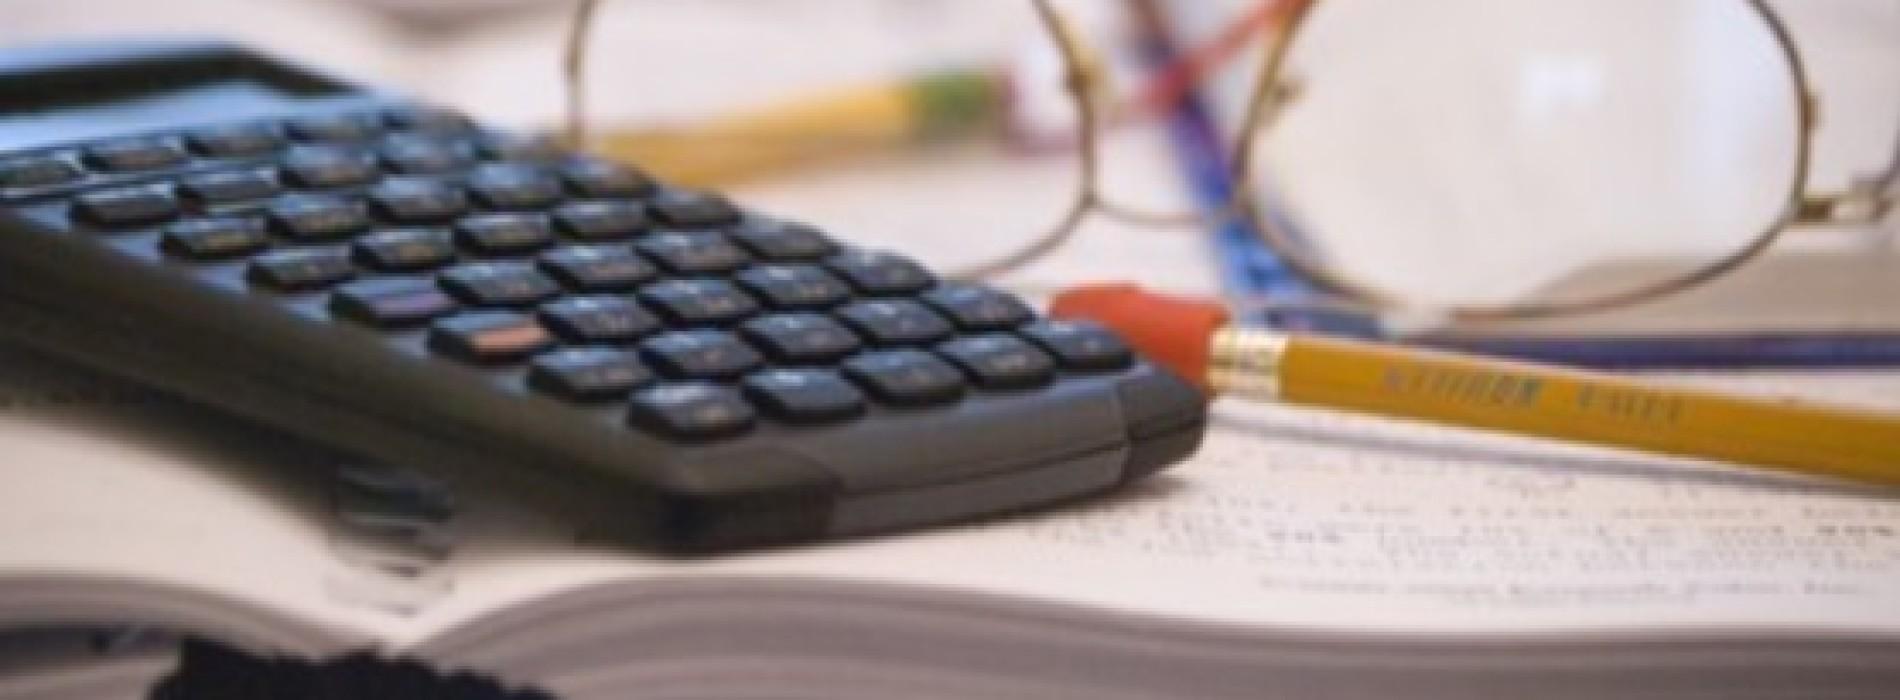 Czy ubezpieczenie biura rachunkowego to konieczność?